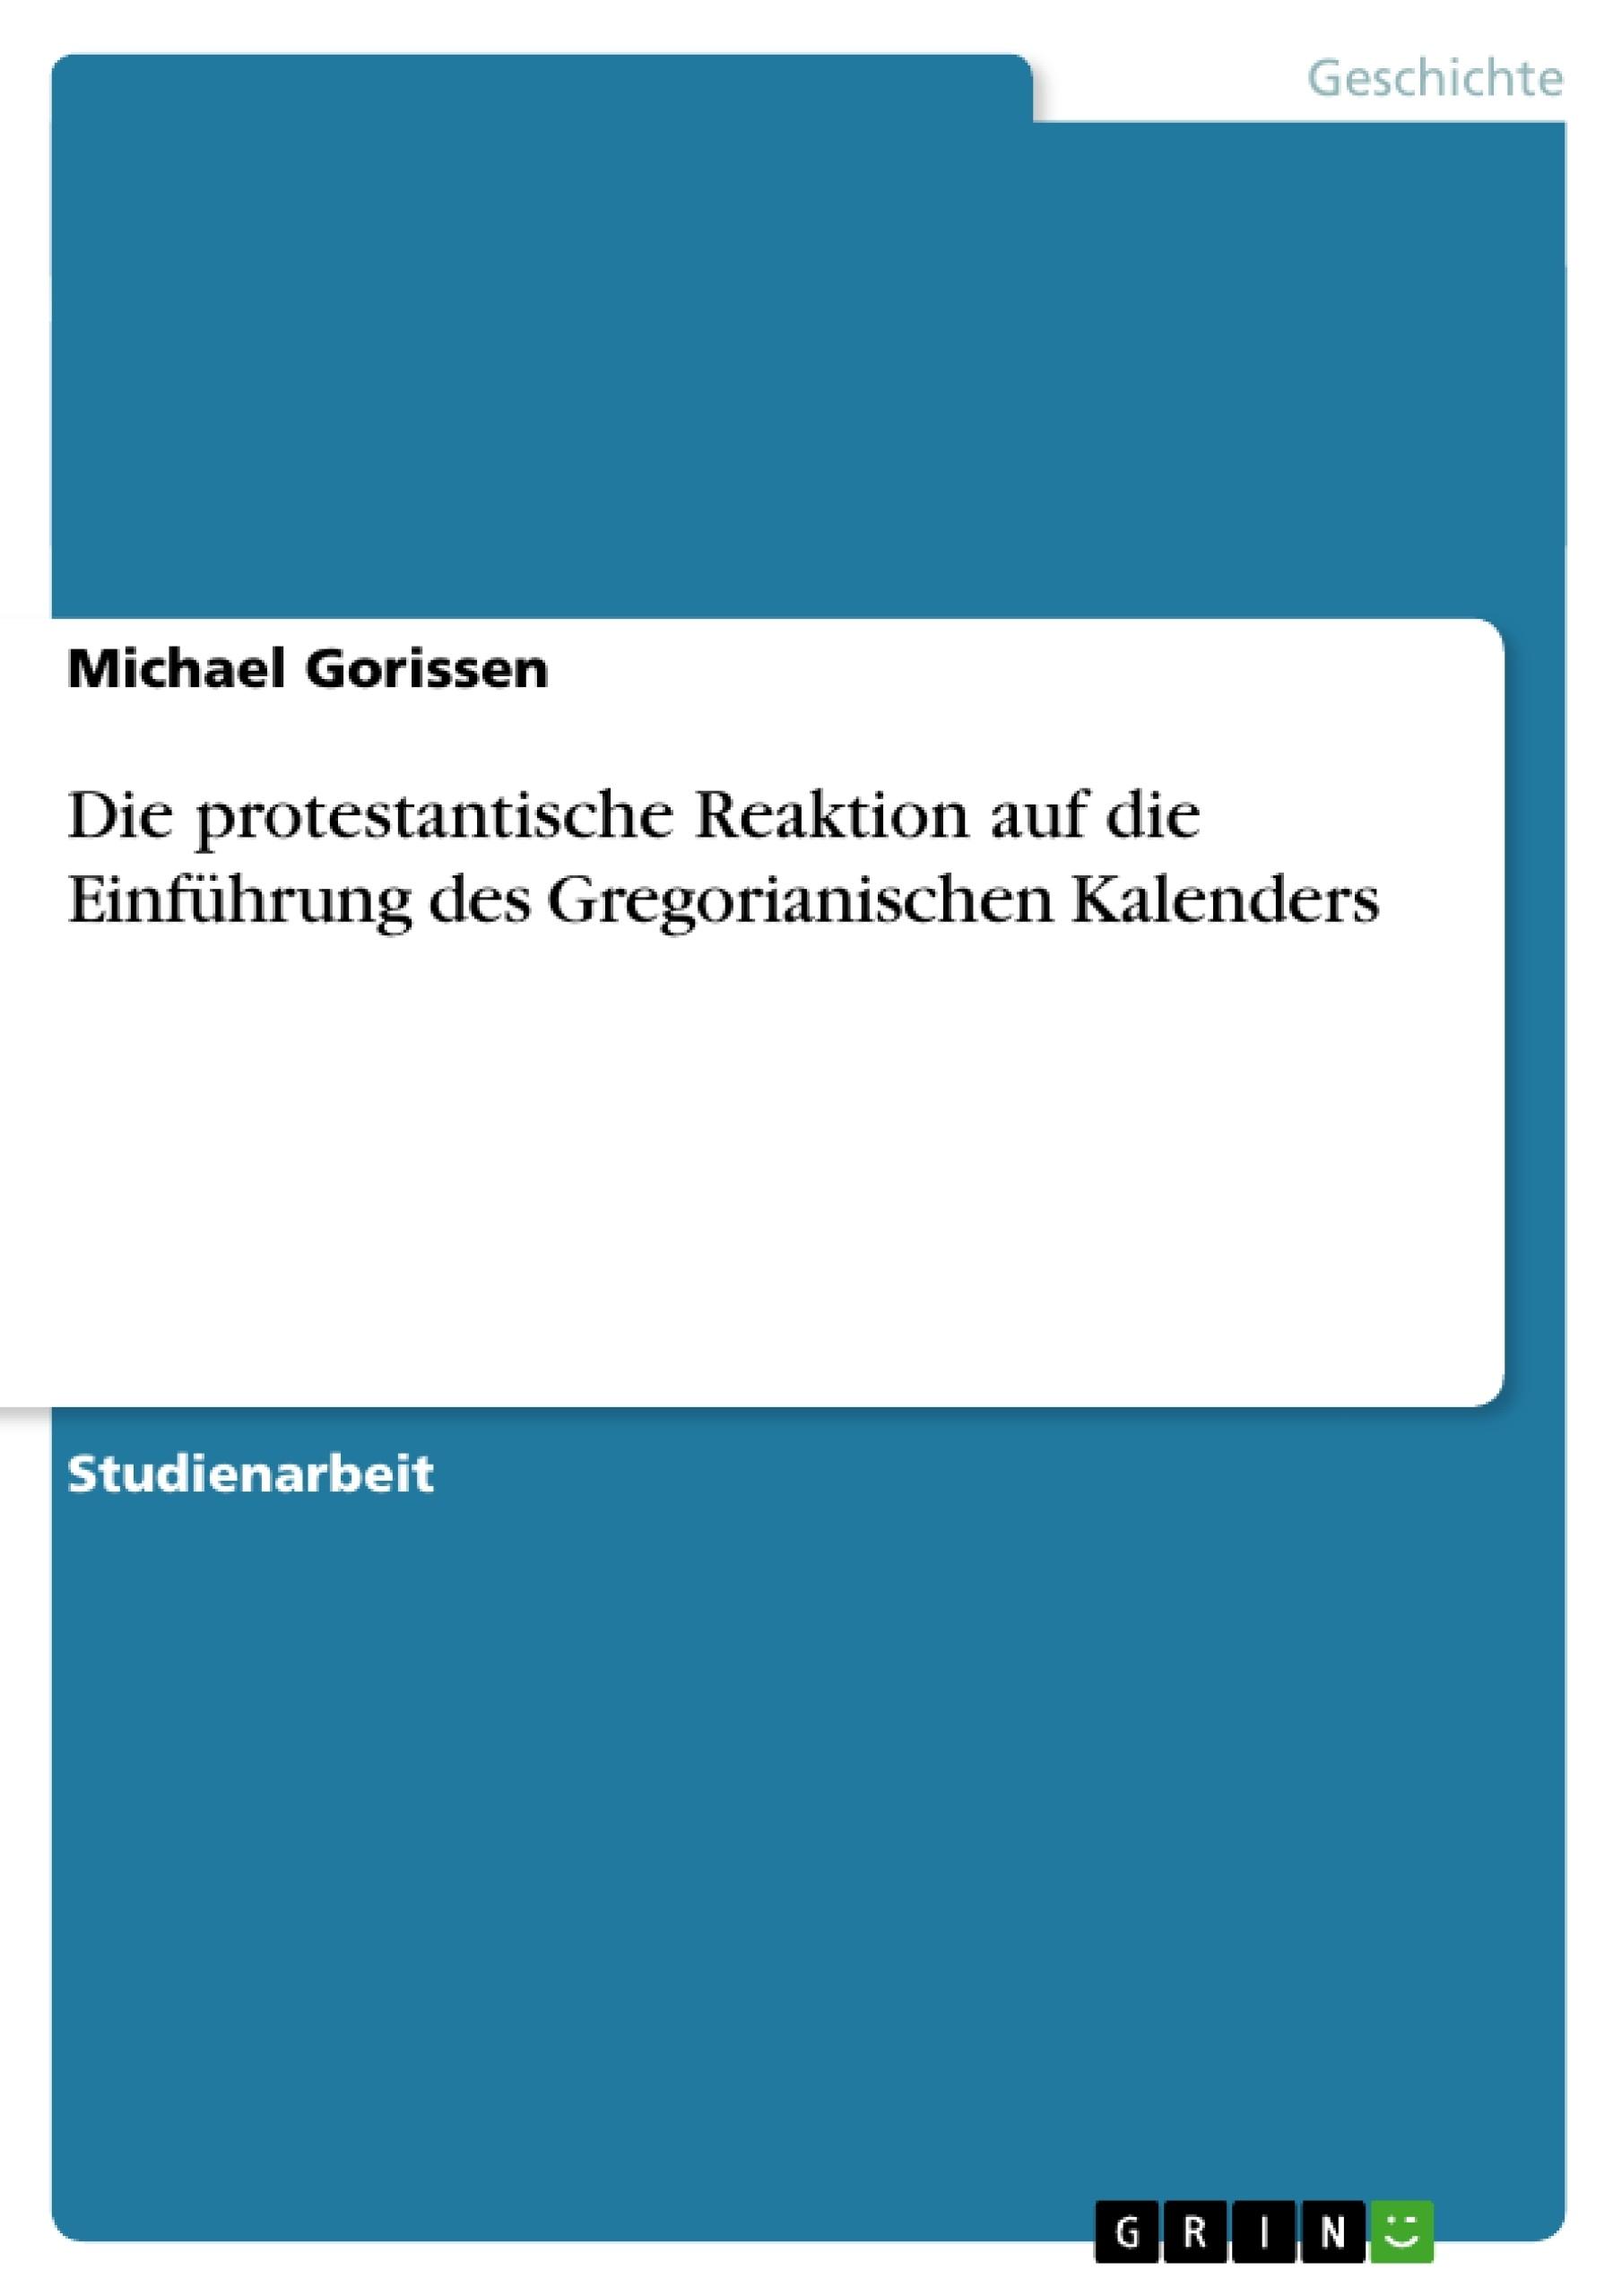 Titel: Die protestantische Reaktion auf die Einführung des Gregorianischen Kalenders